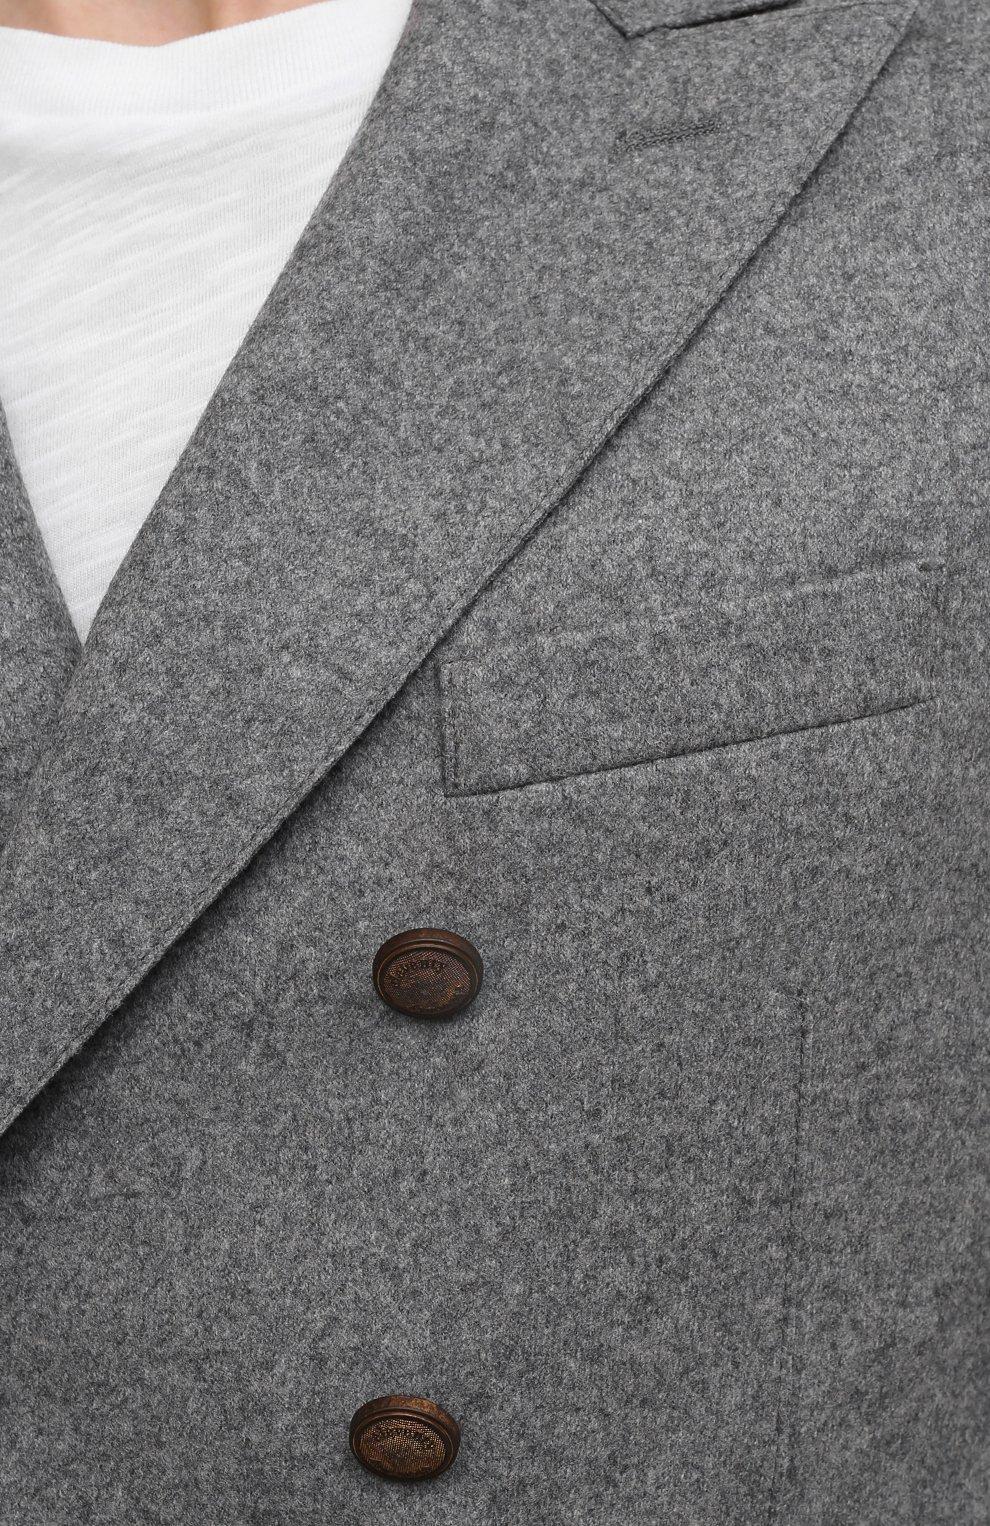 Мужской шерстяной пиджак ELEVENTY темно-серого цвета, арт. D70GIAD06 JAC24018 | Фото 5 (Материал внешний: Шерсть; Рукава: Длинные; Случай: Повседневный; Длина (для топов): Стандартные; Пиджаки М: Приталенный; Стили: Кэжуэл)